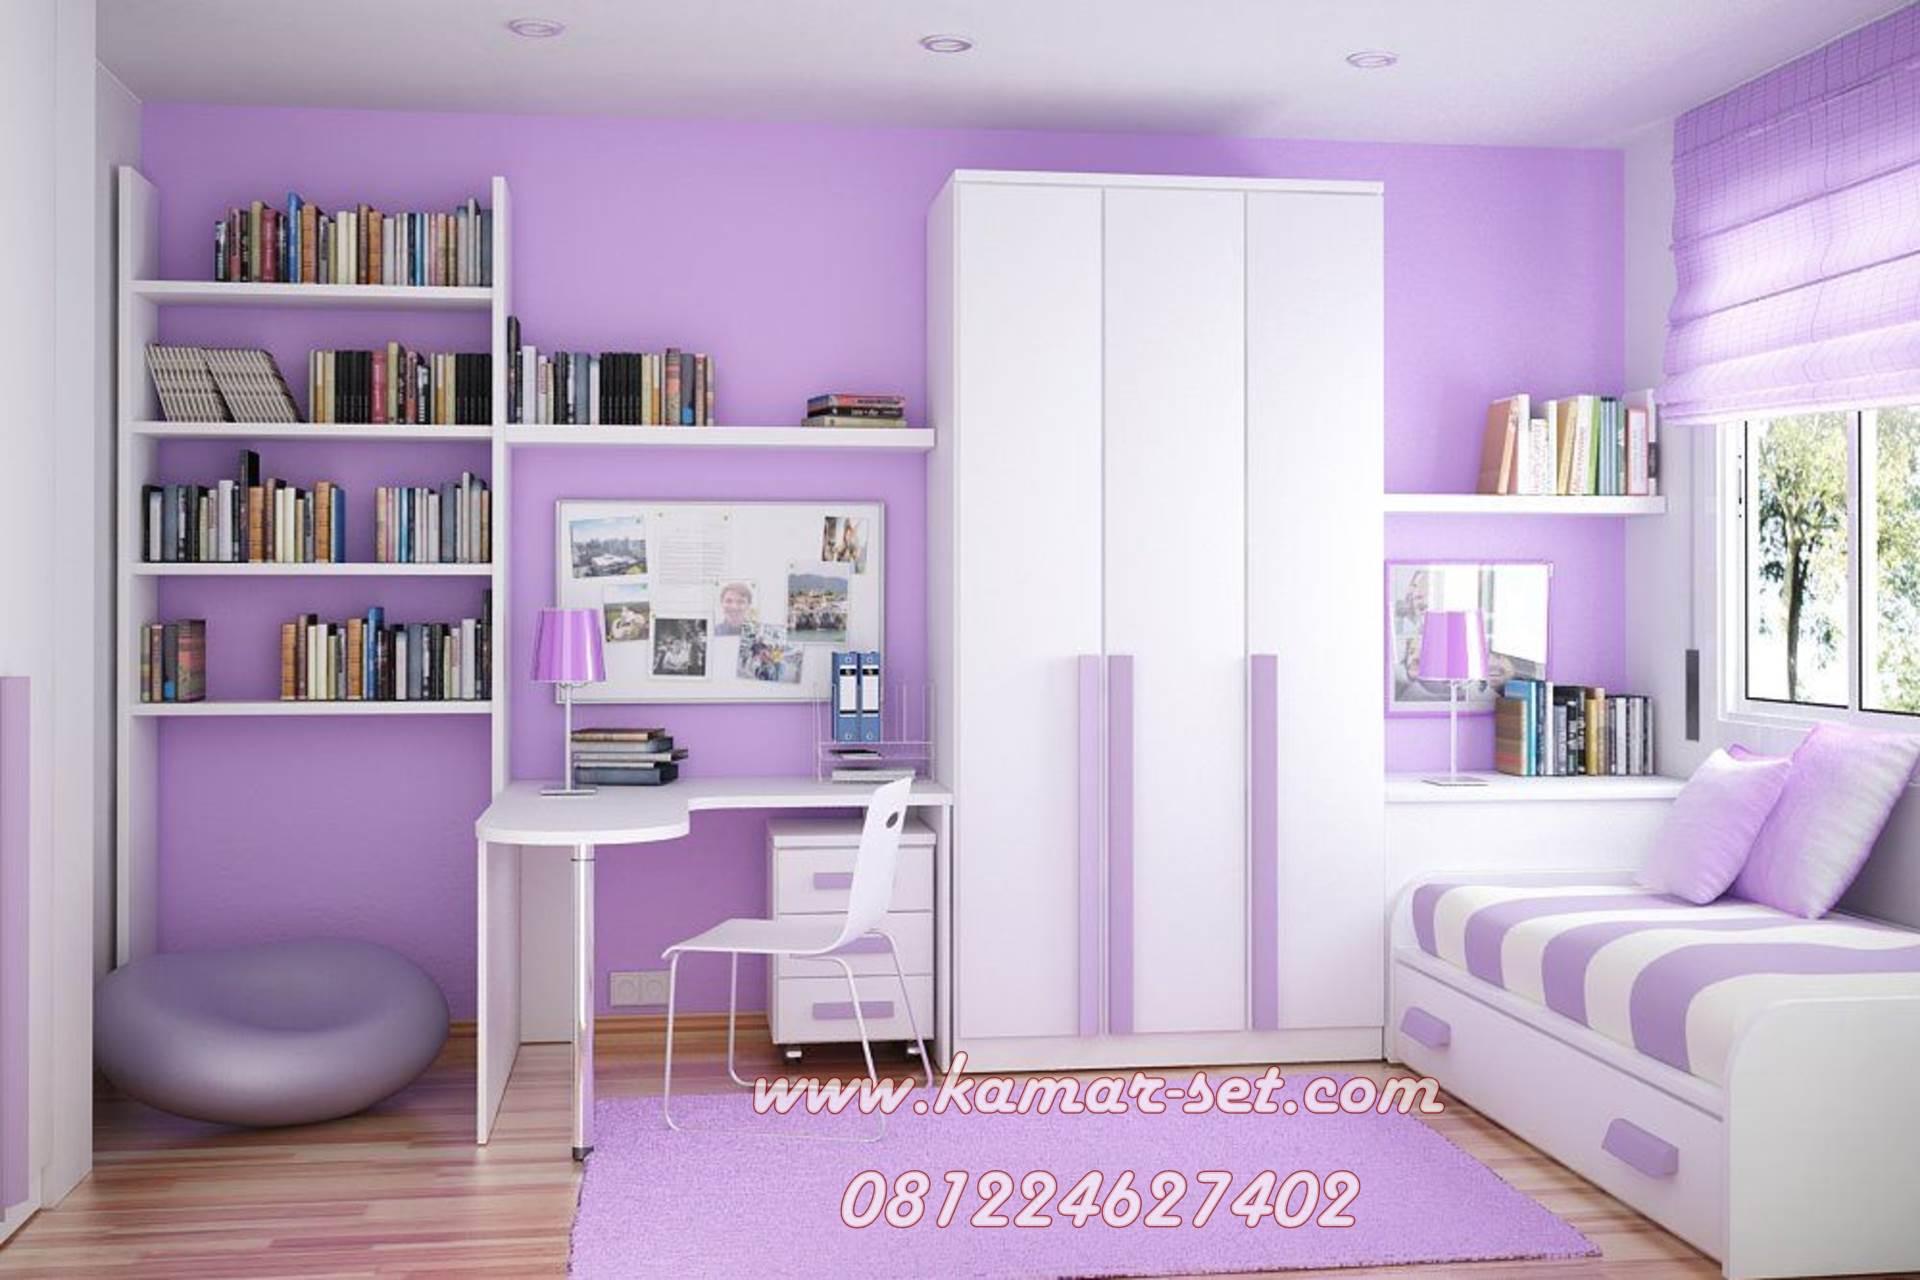 desain kamar tidur anak 4 x 3 . kamar set - kamar set